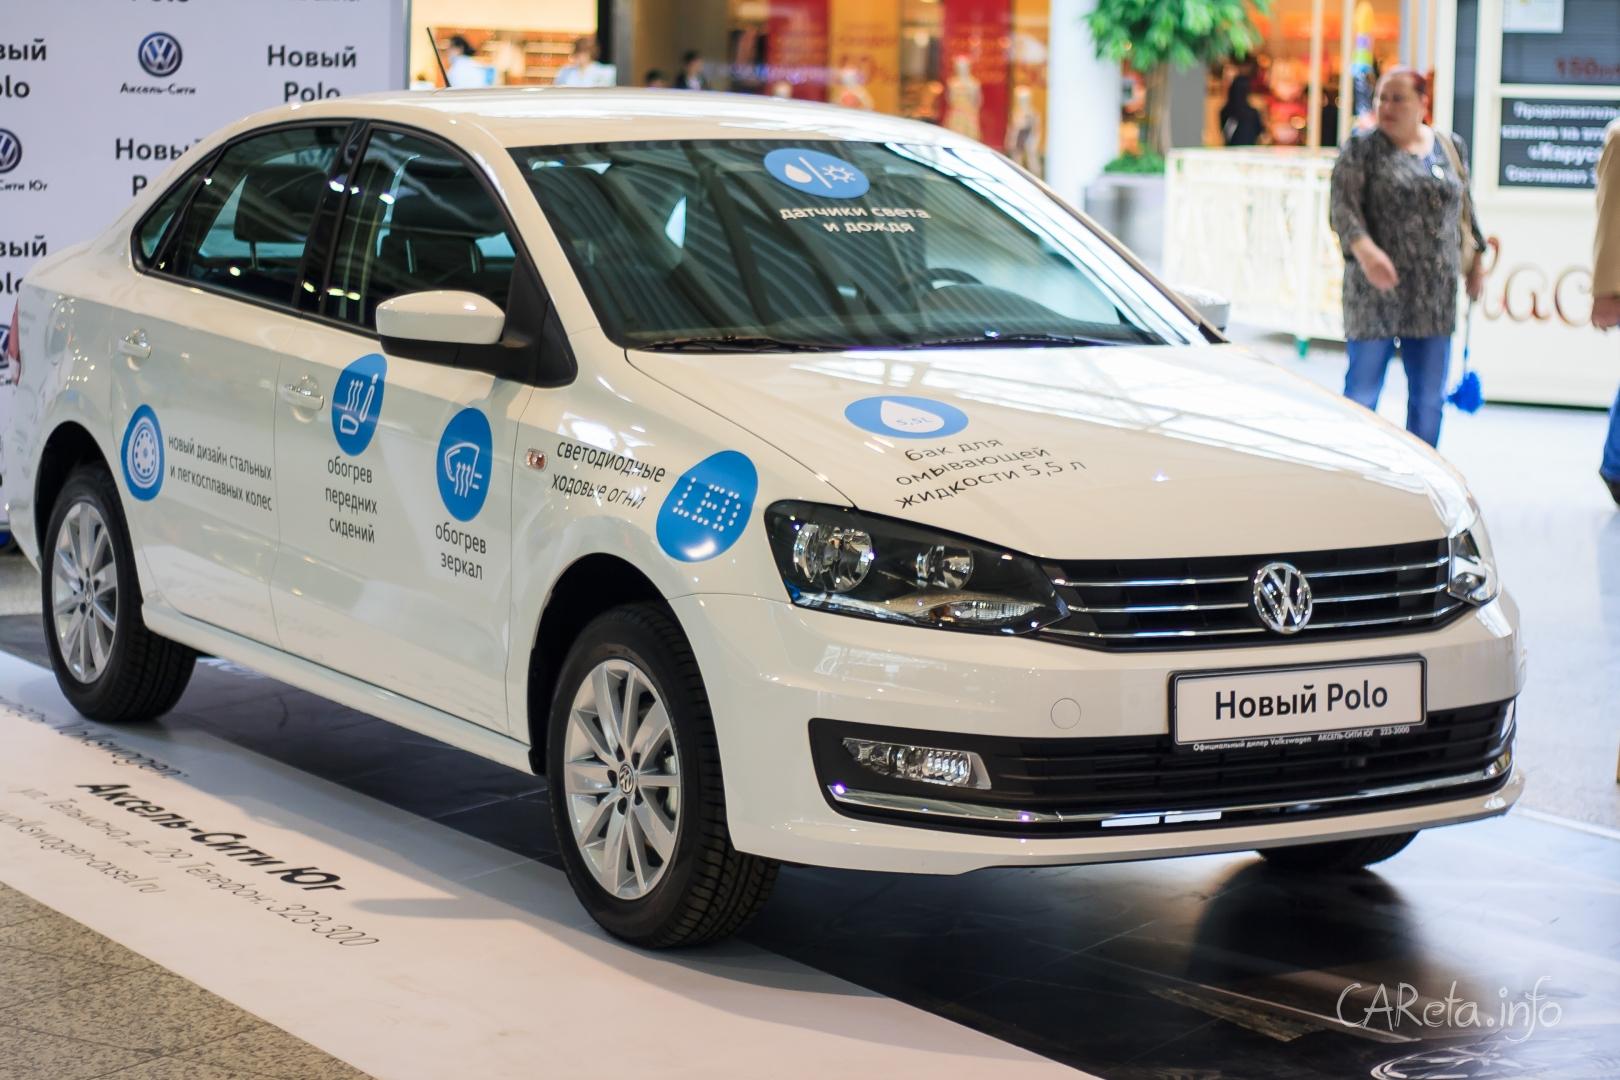 Раскрыты цены и комплектации VW Polo 2020 модельного года